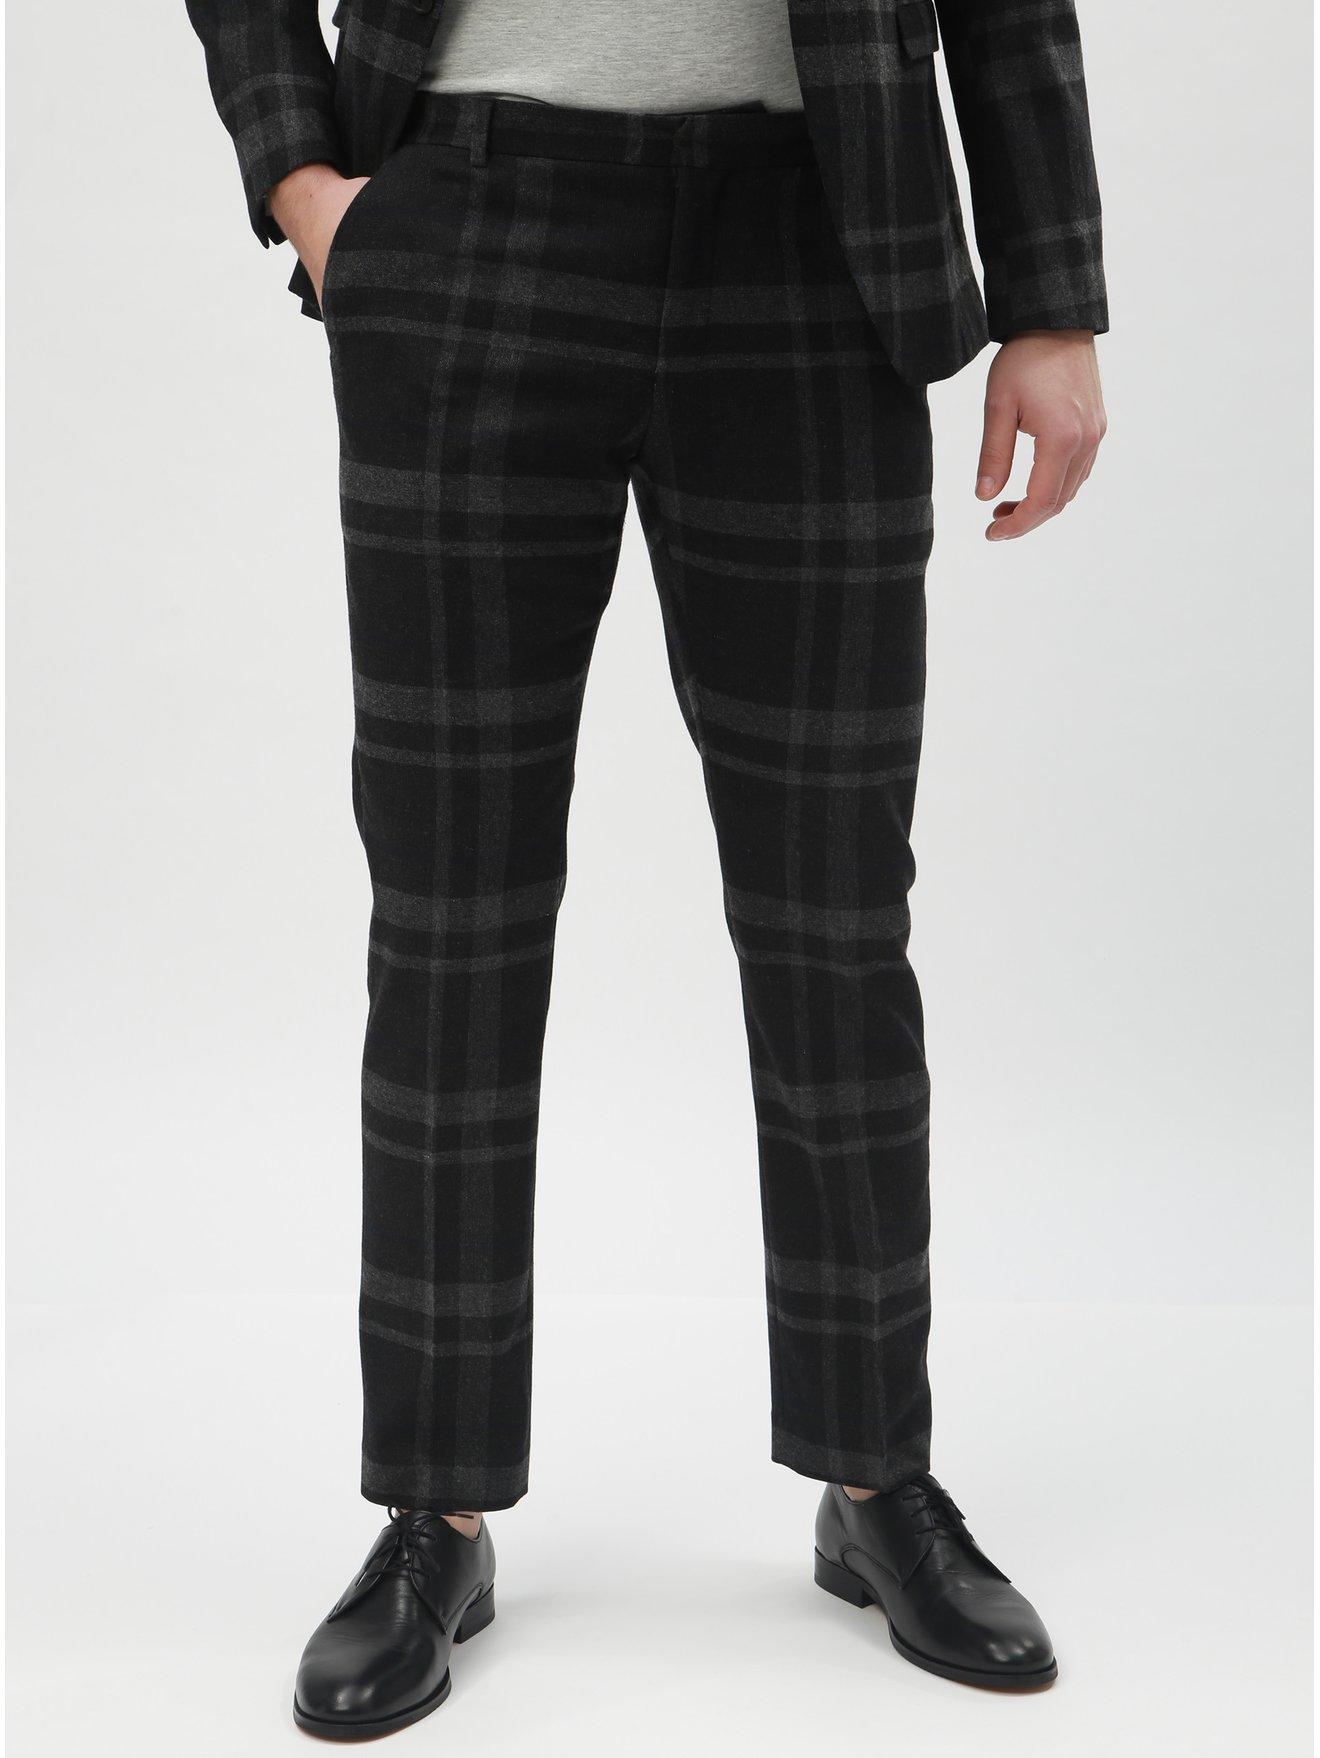 Tmavě šedé vlněné kostkované oblekové kalhoty Selected Homme Mylojole 6e485cb4cf